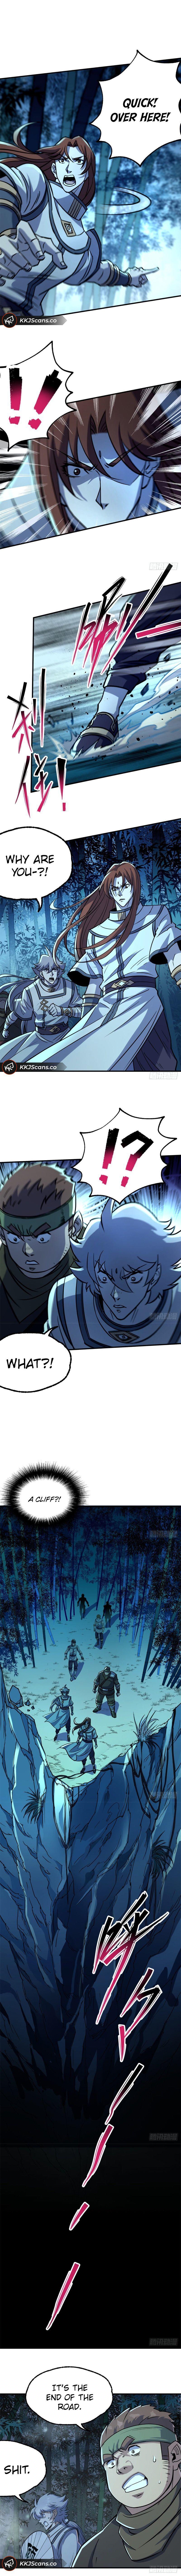 The Hunter Chapter 193 page 3 - Mangakakalots.com